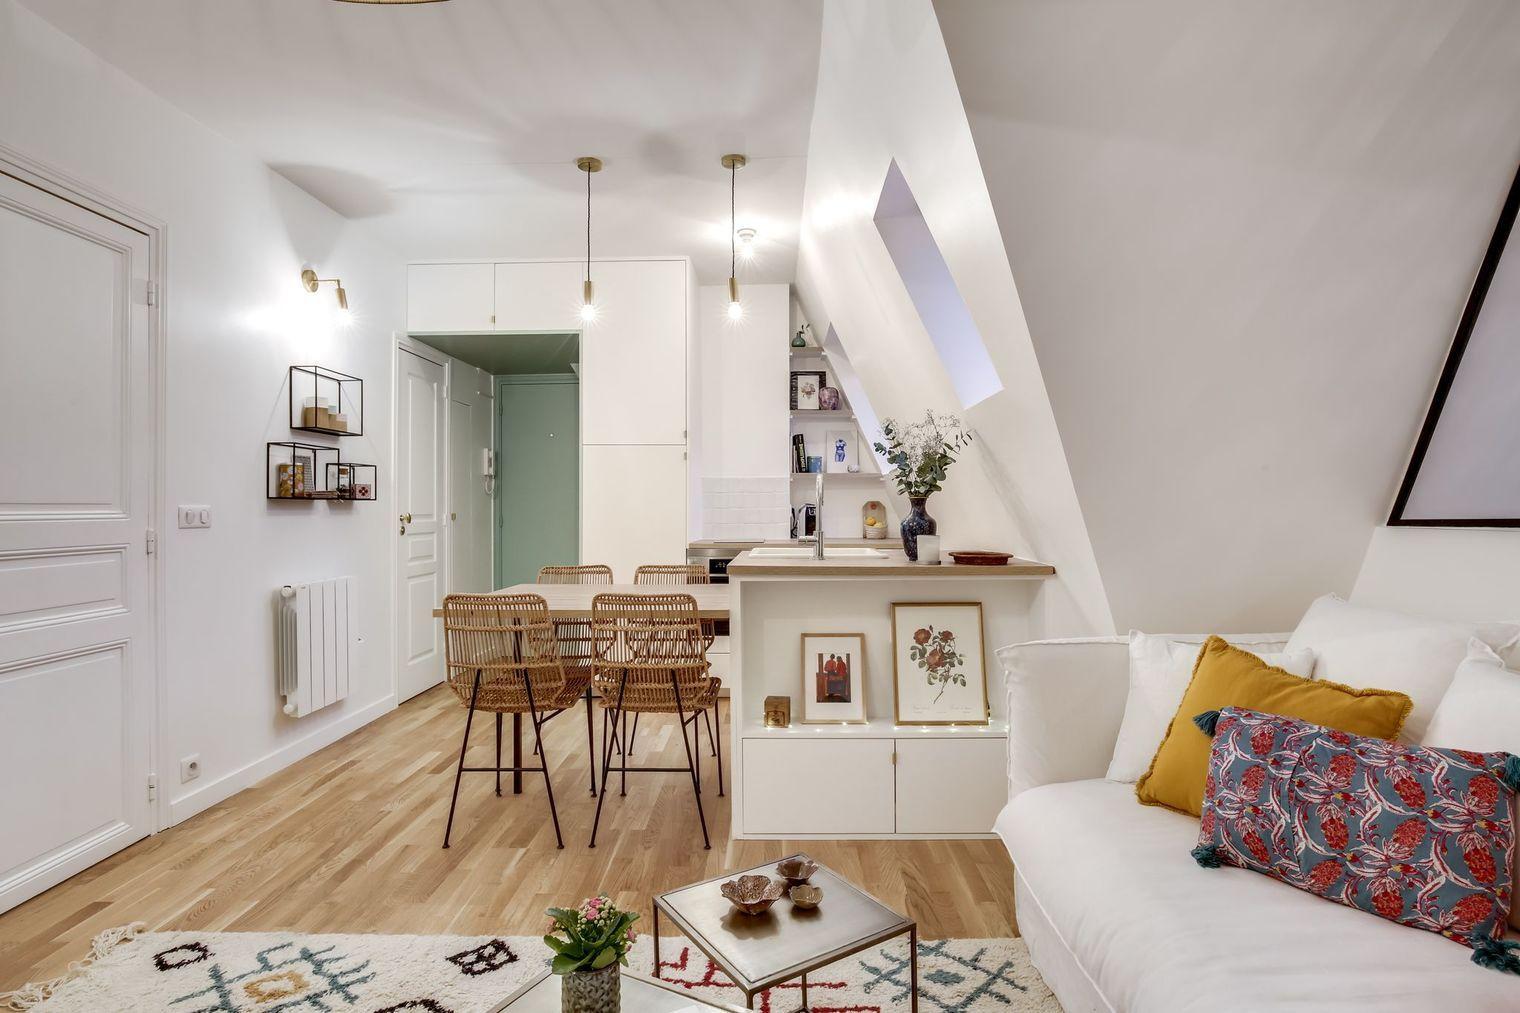 En Video Sous Les Toits Un Studio Aux Faux Airs D Appartement Chambre De Bonne Appartement Maison Et Appartement